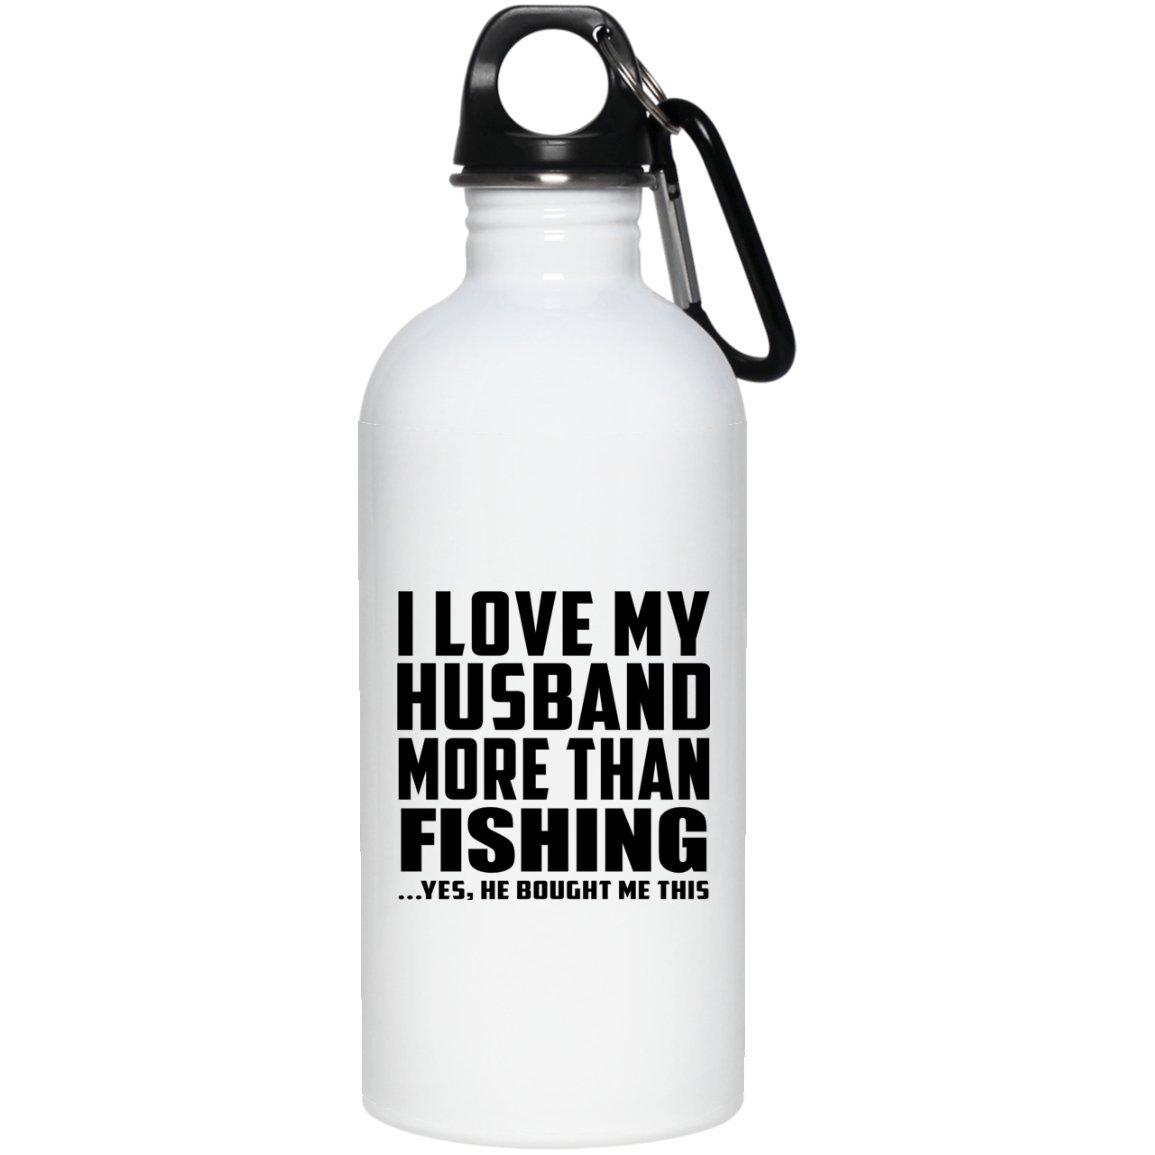 Designsify Moglie Water Bottle i Love My Marito più di Pesca.He Bought Me This–Borraccia in Acciaio Inox Bicchiere Best Gift for Girl, Her, Lady, Ragazza da Marito